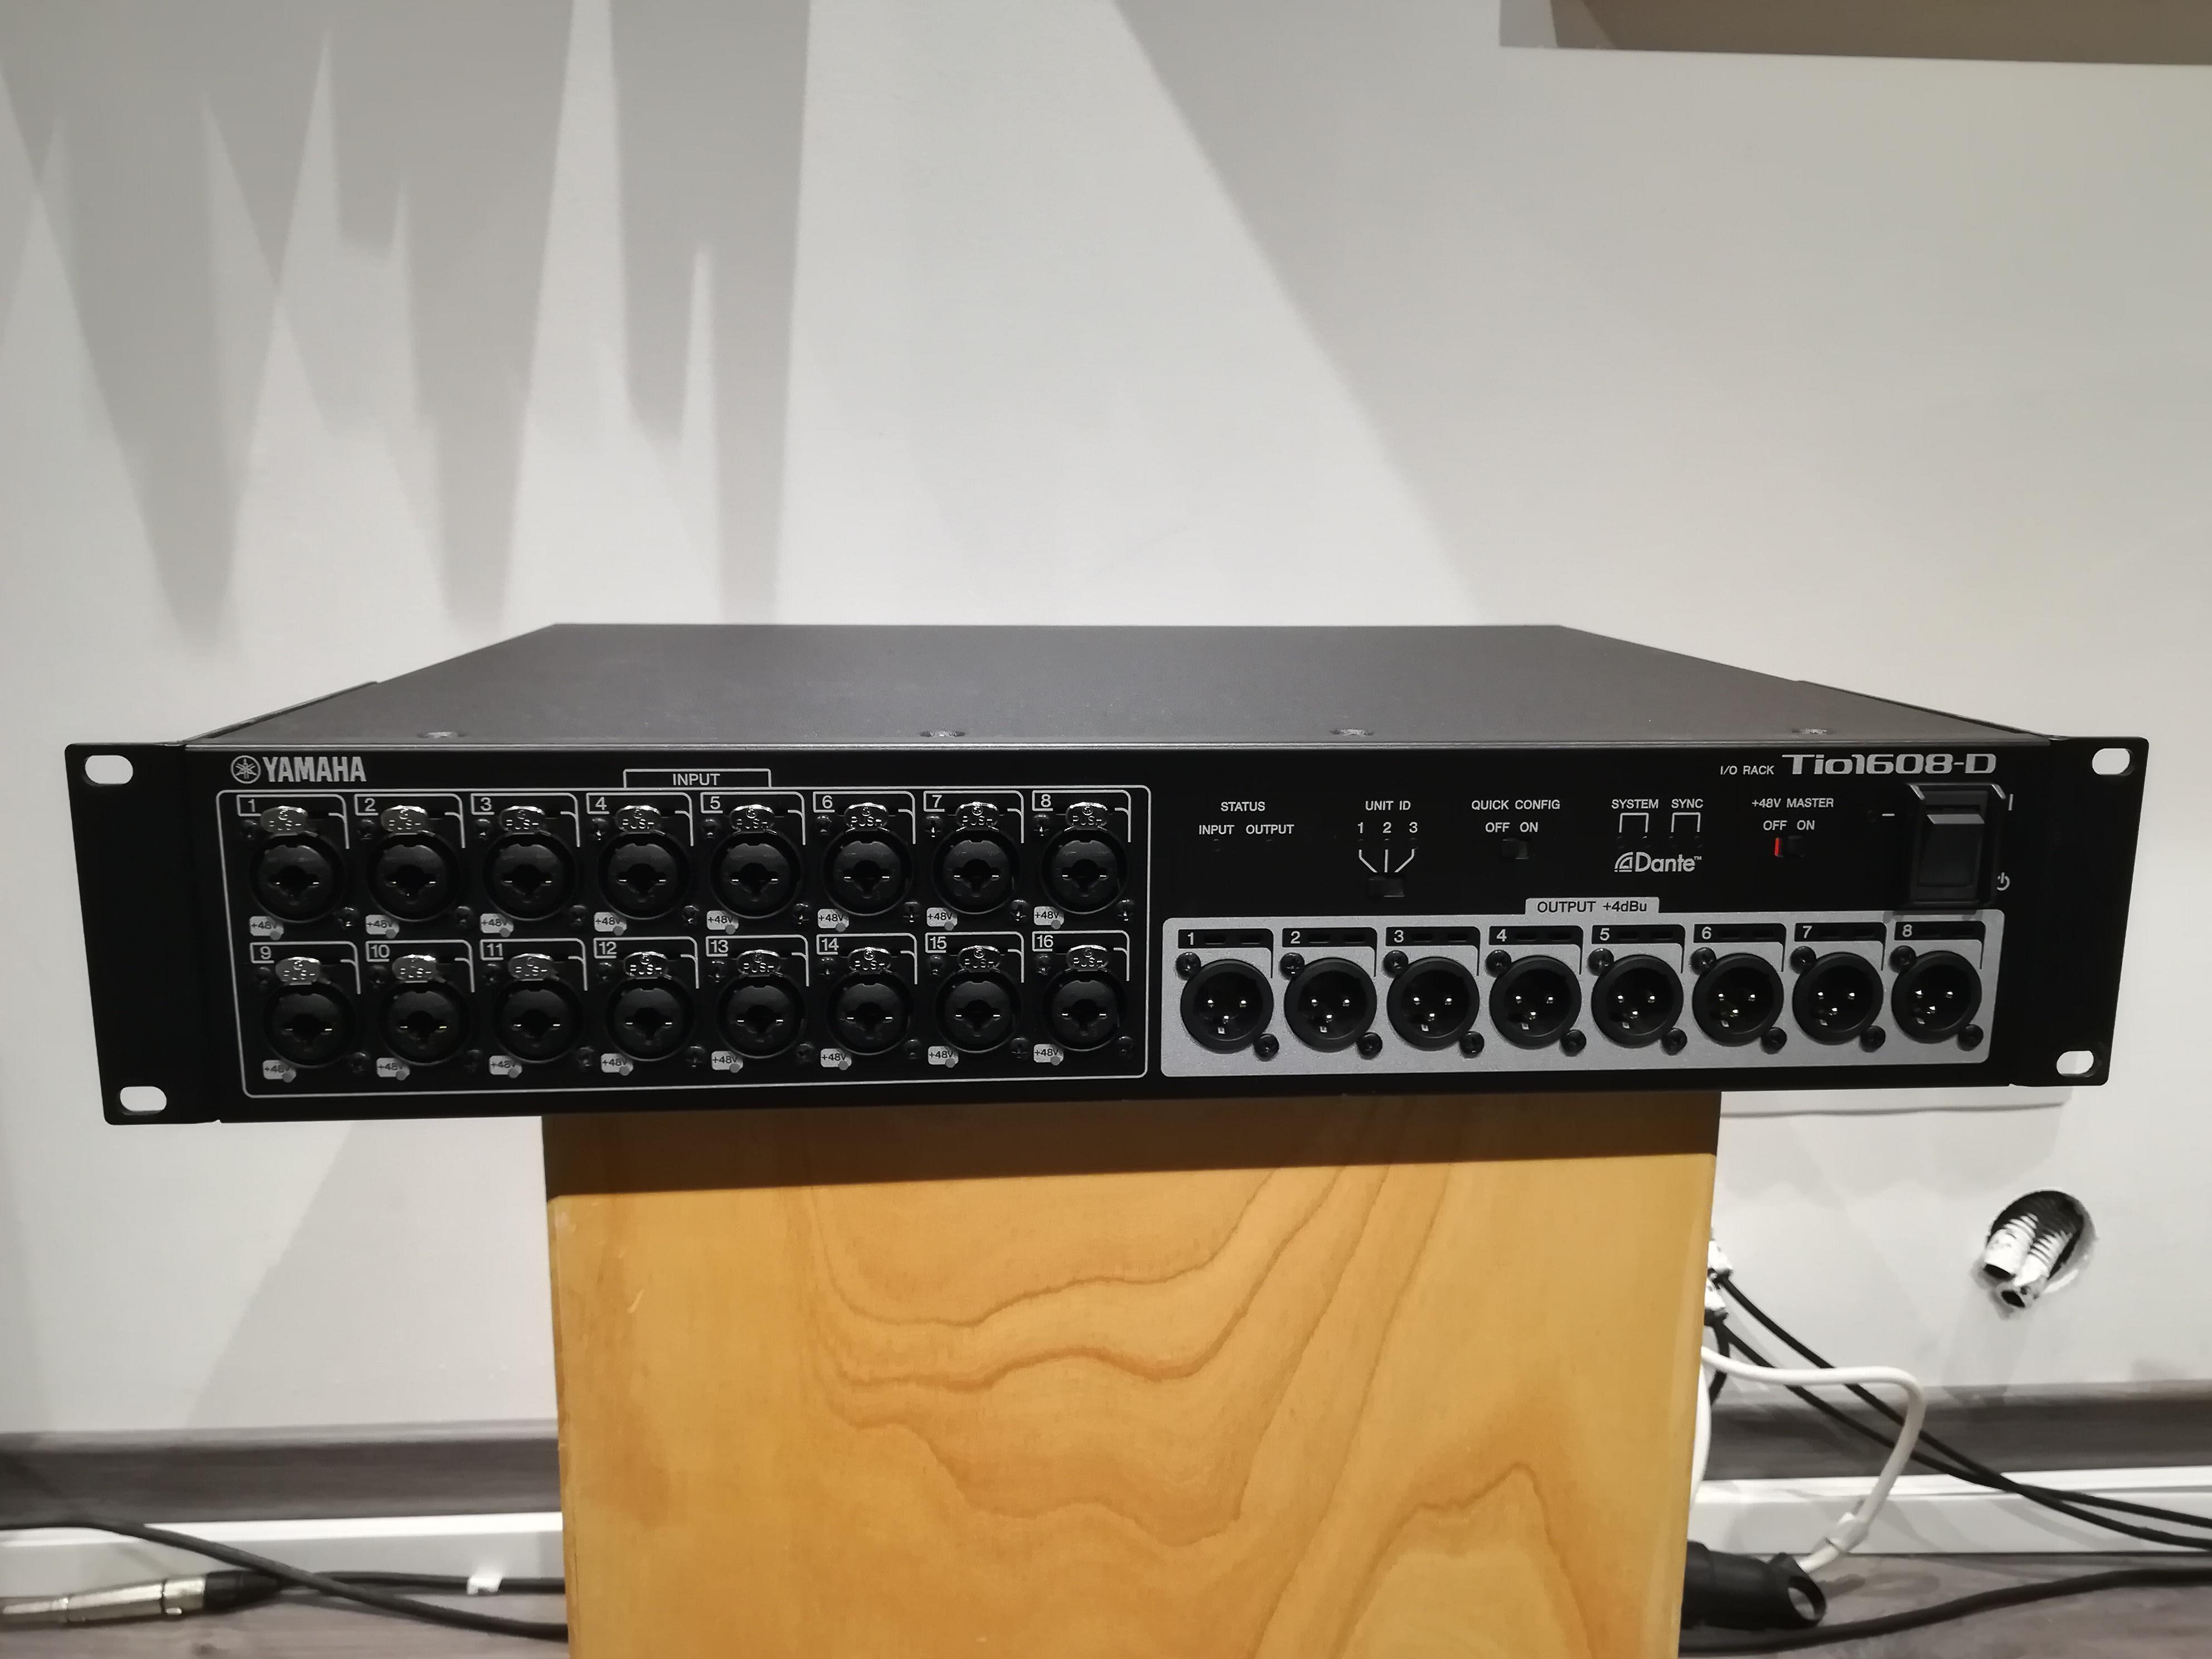 Vend stagebox num rique yamaha tio1608 d cable cat5e 50m for Yamaha m7cl dante